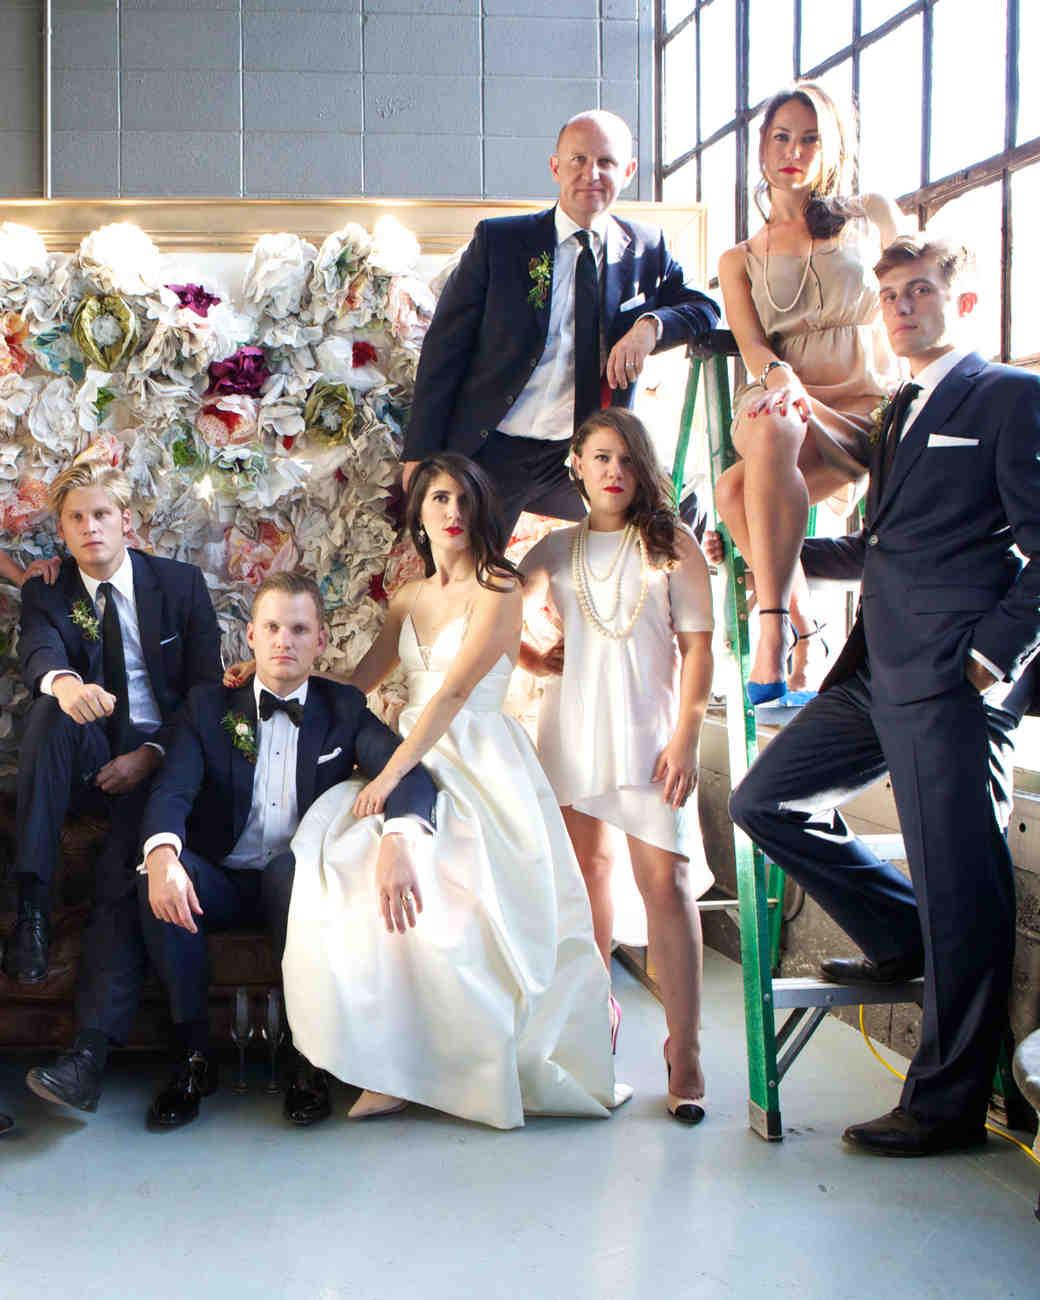 emily-brett-wedding-bridalparty2-0414.jpg